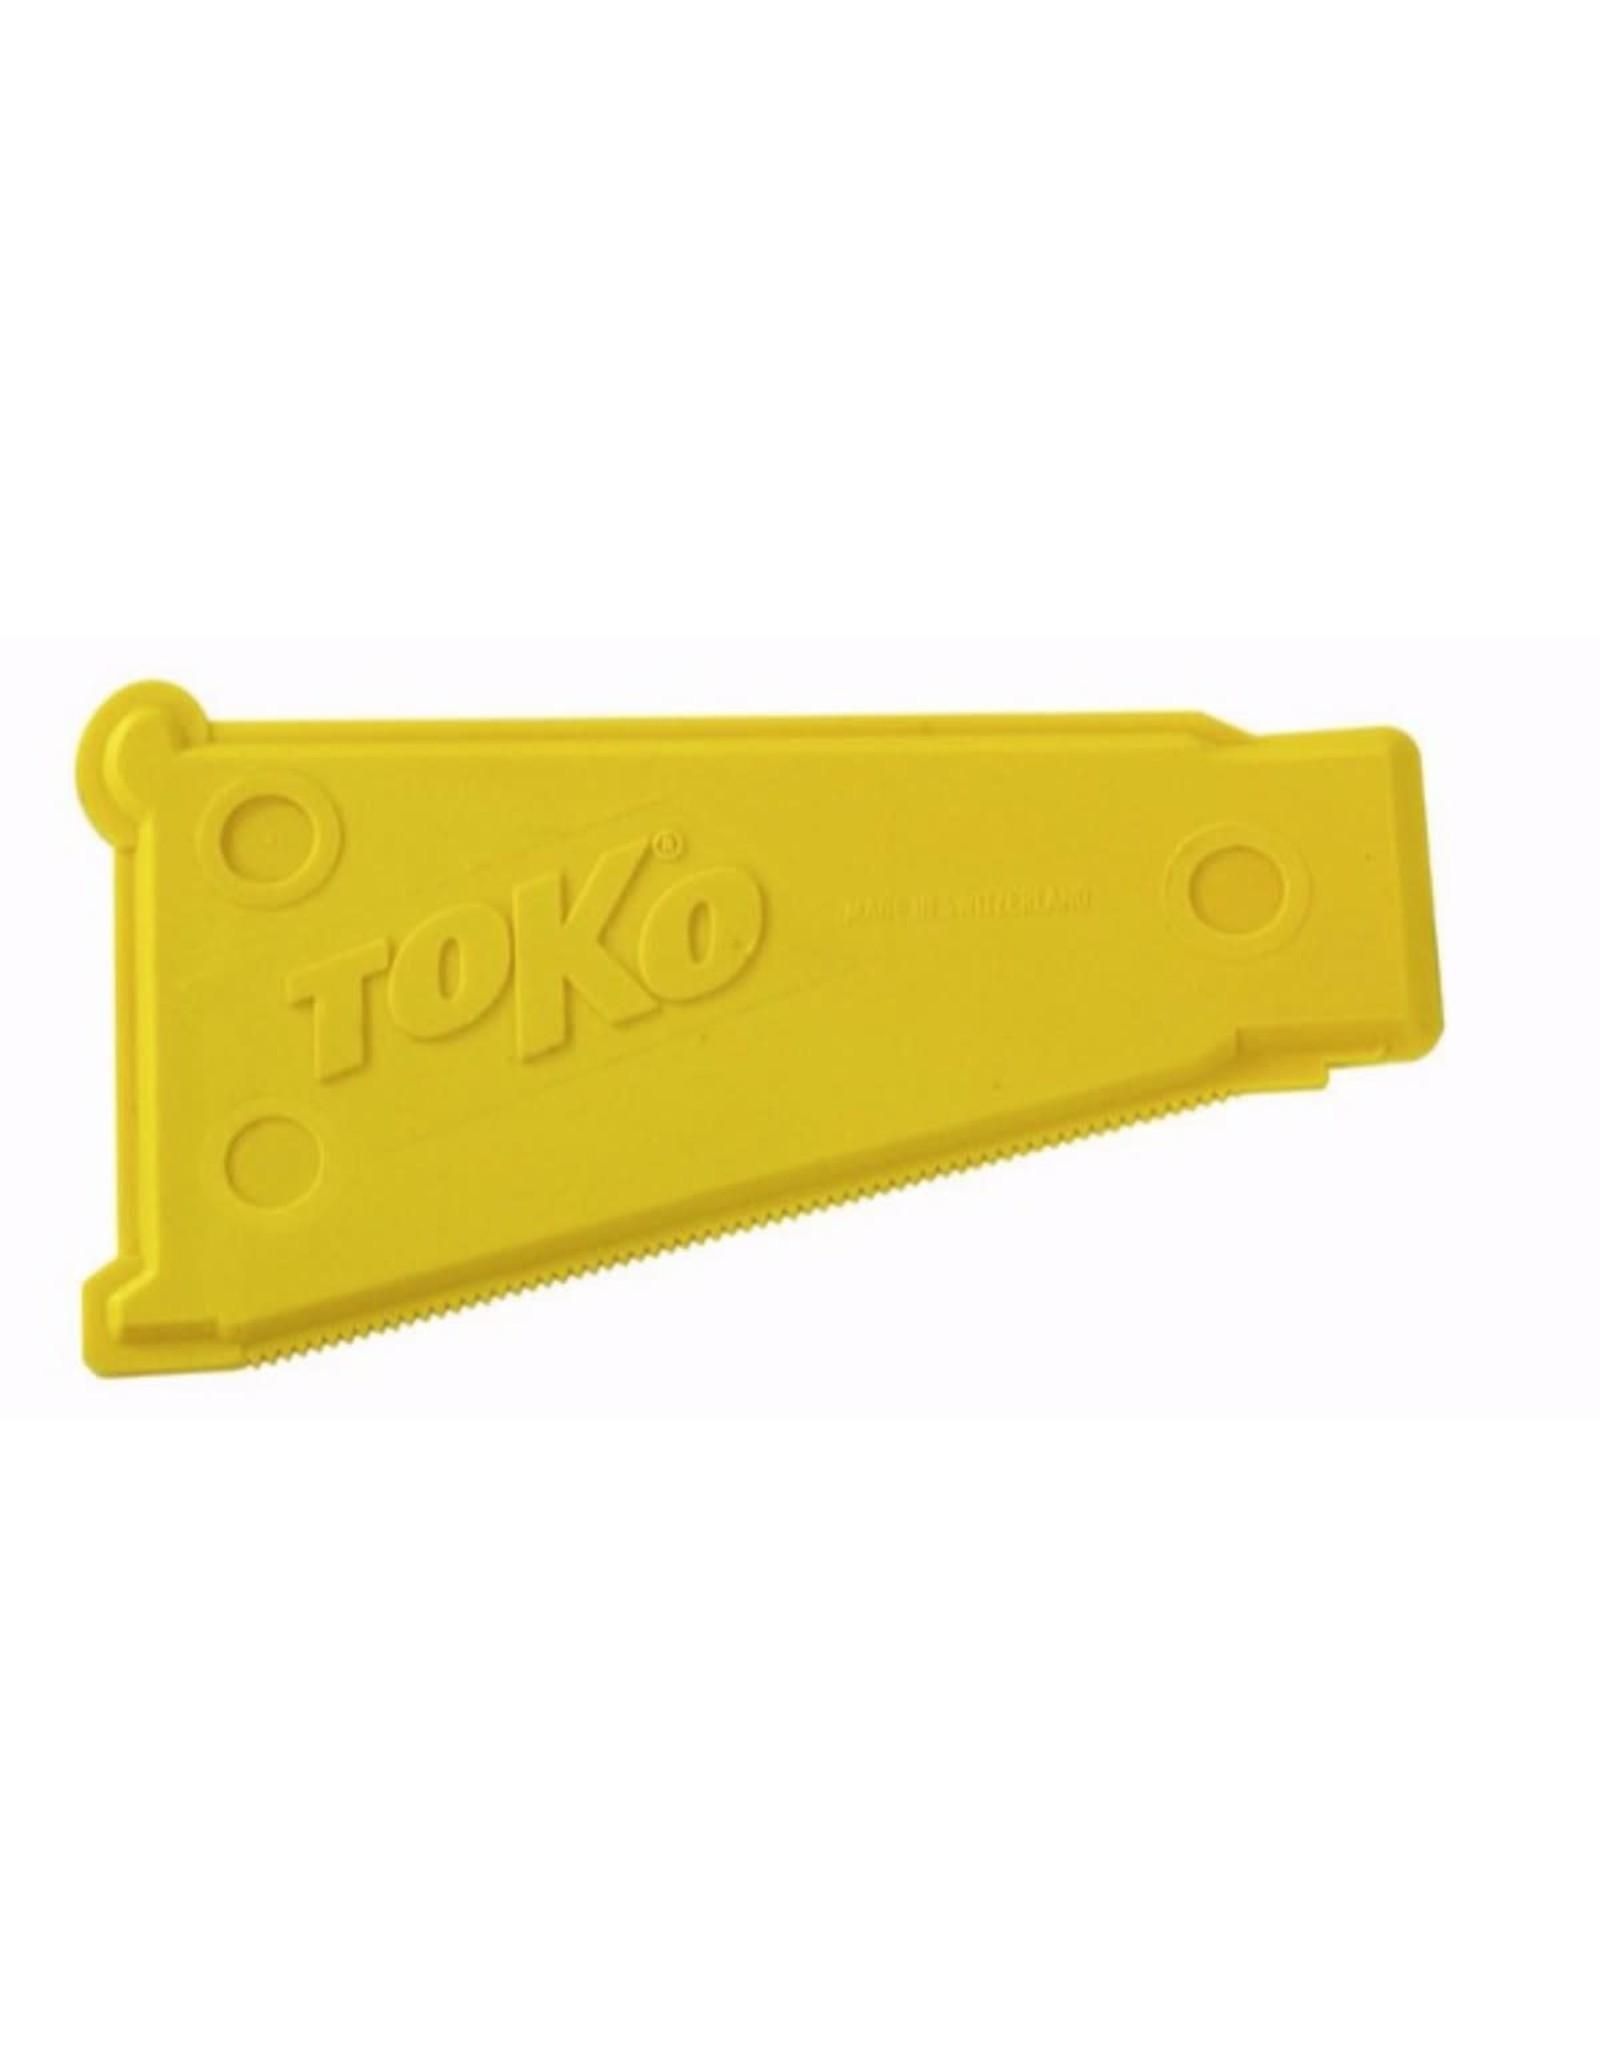 Toko Toko Multi-Purpose Scraper